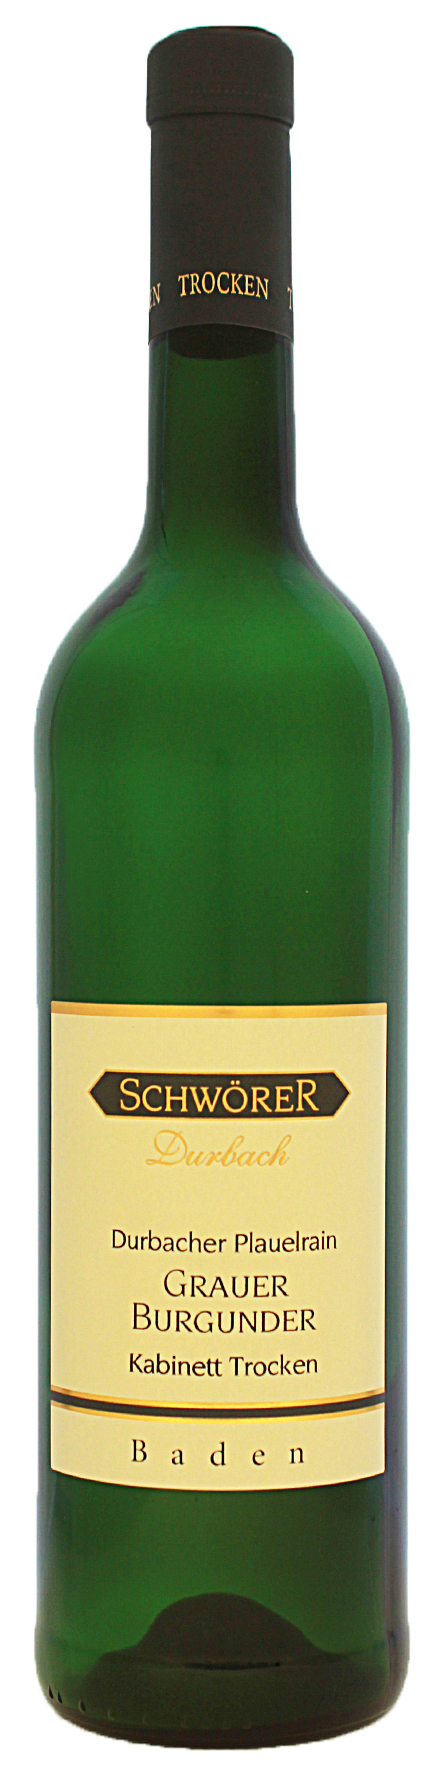 Durbacher Plauelrain Grauburgurgunder Kabinett trocken Weingut Schwörer Durbach 2020